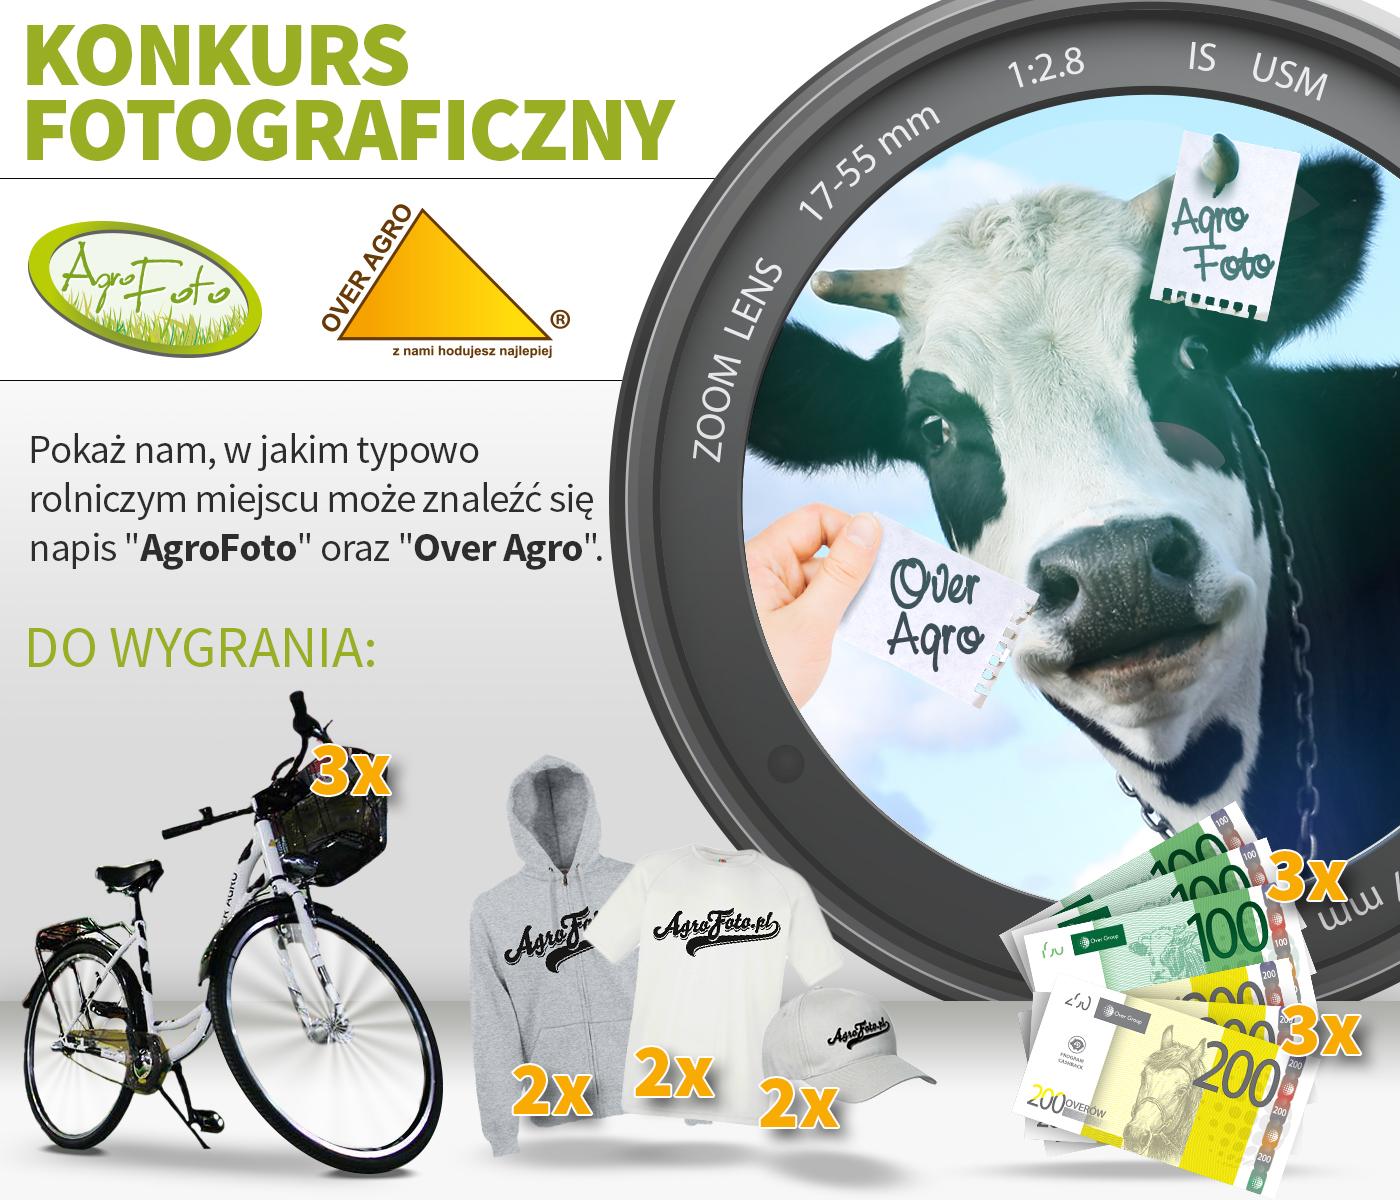 Konkurs - Do wygrania rowery, overy i gadżety!